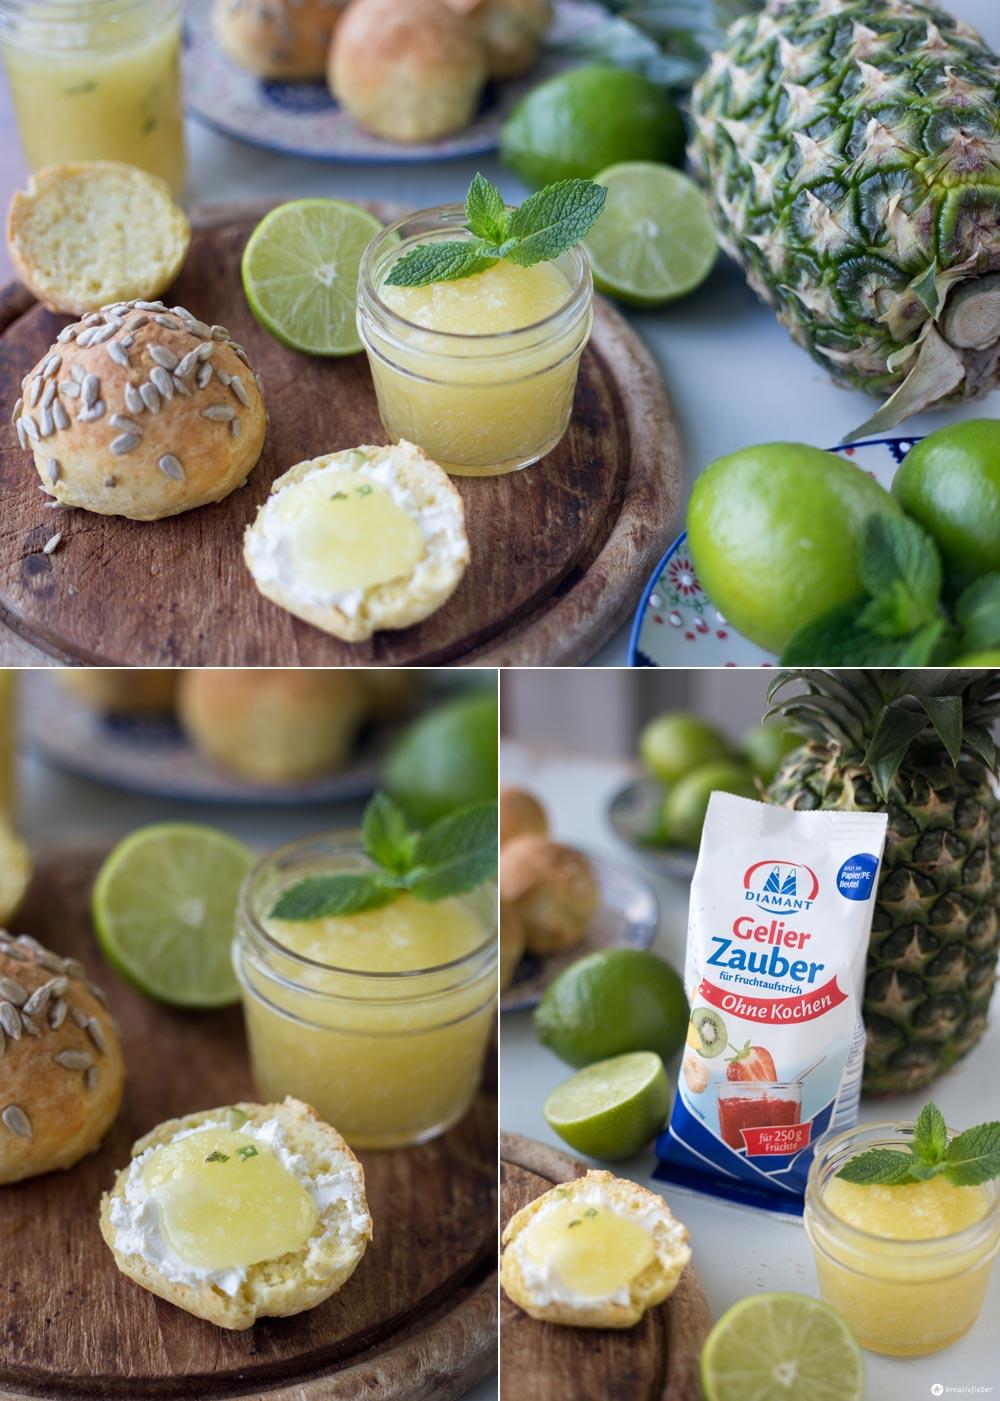 Limetten-Ananas-Konfitüre mit Kokos, Ingwer und Minze - leckeres Marmeladenrezept mit Zitrusfrüchten - Marmelade ohne Kochen